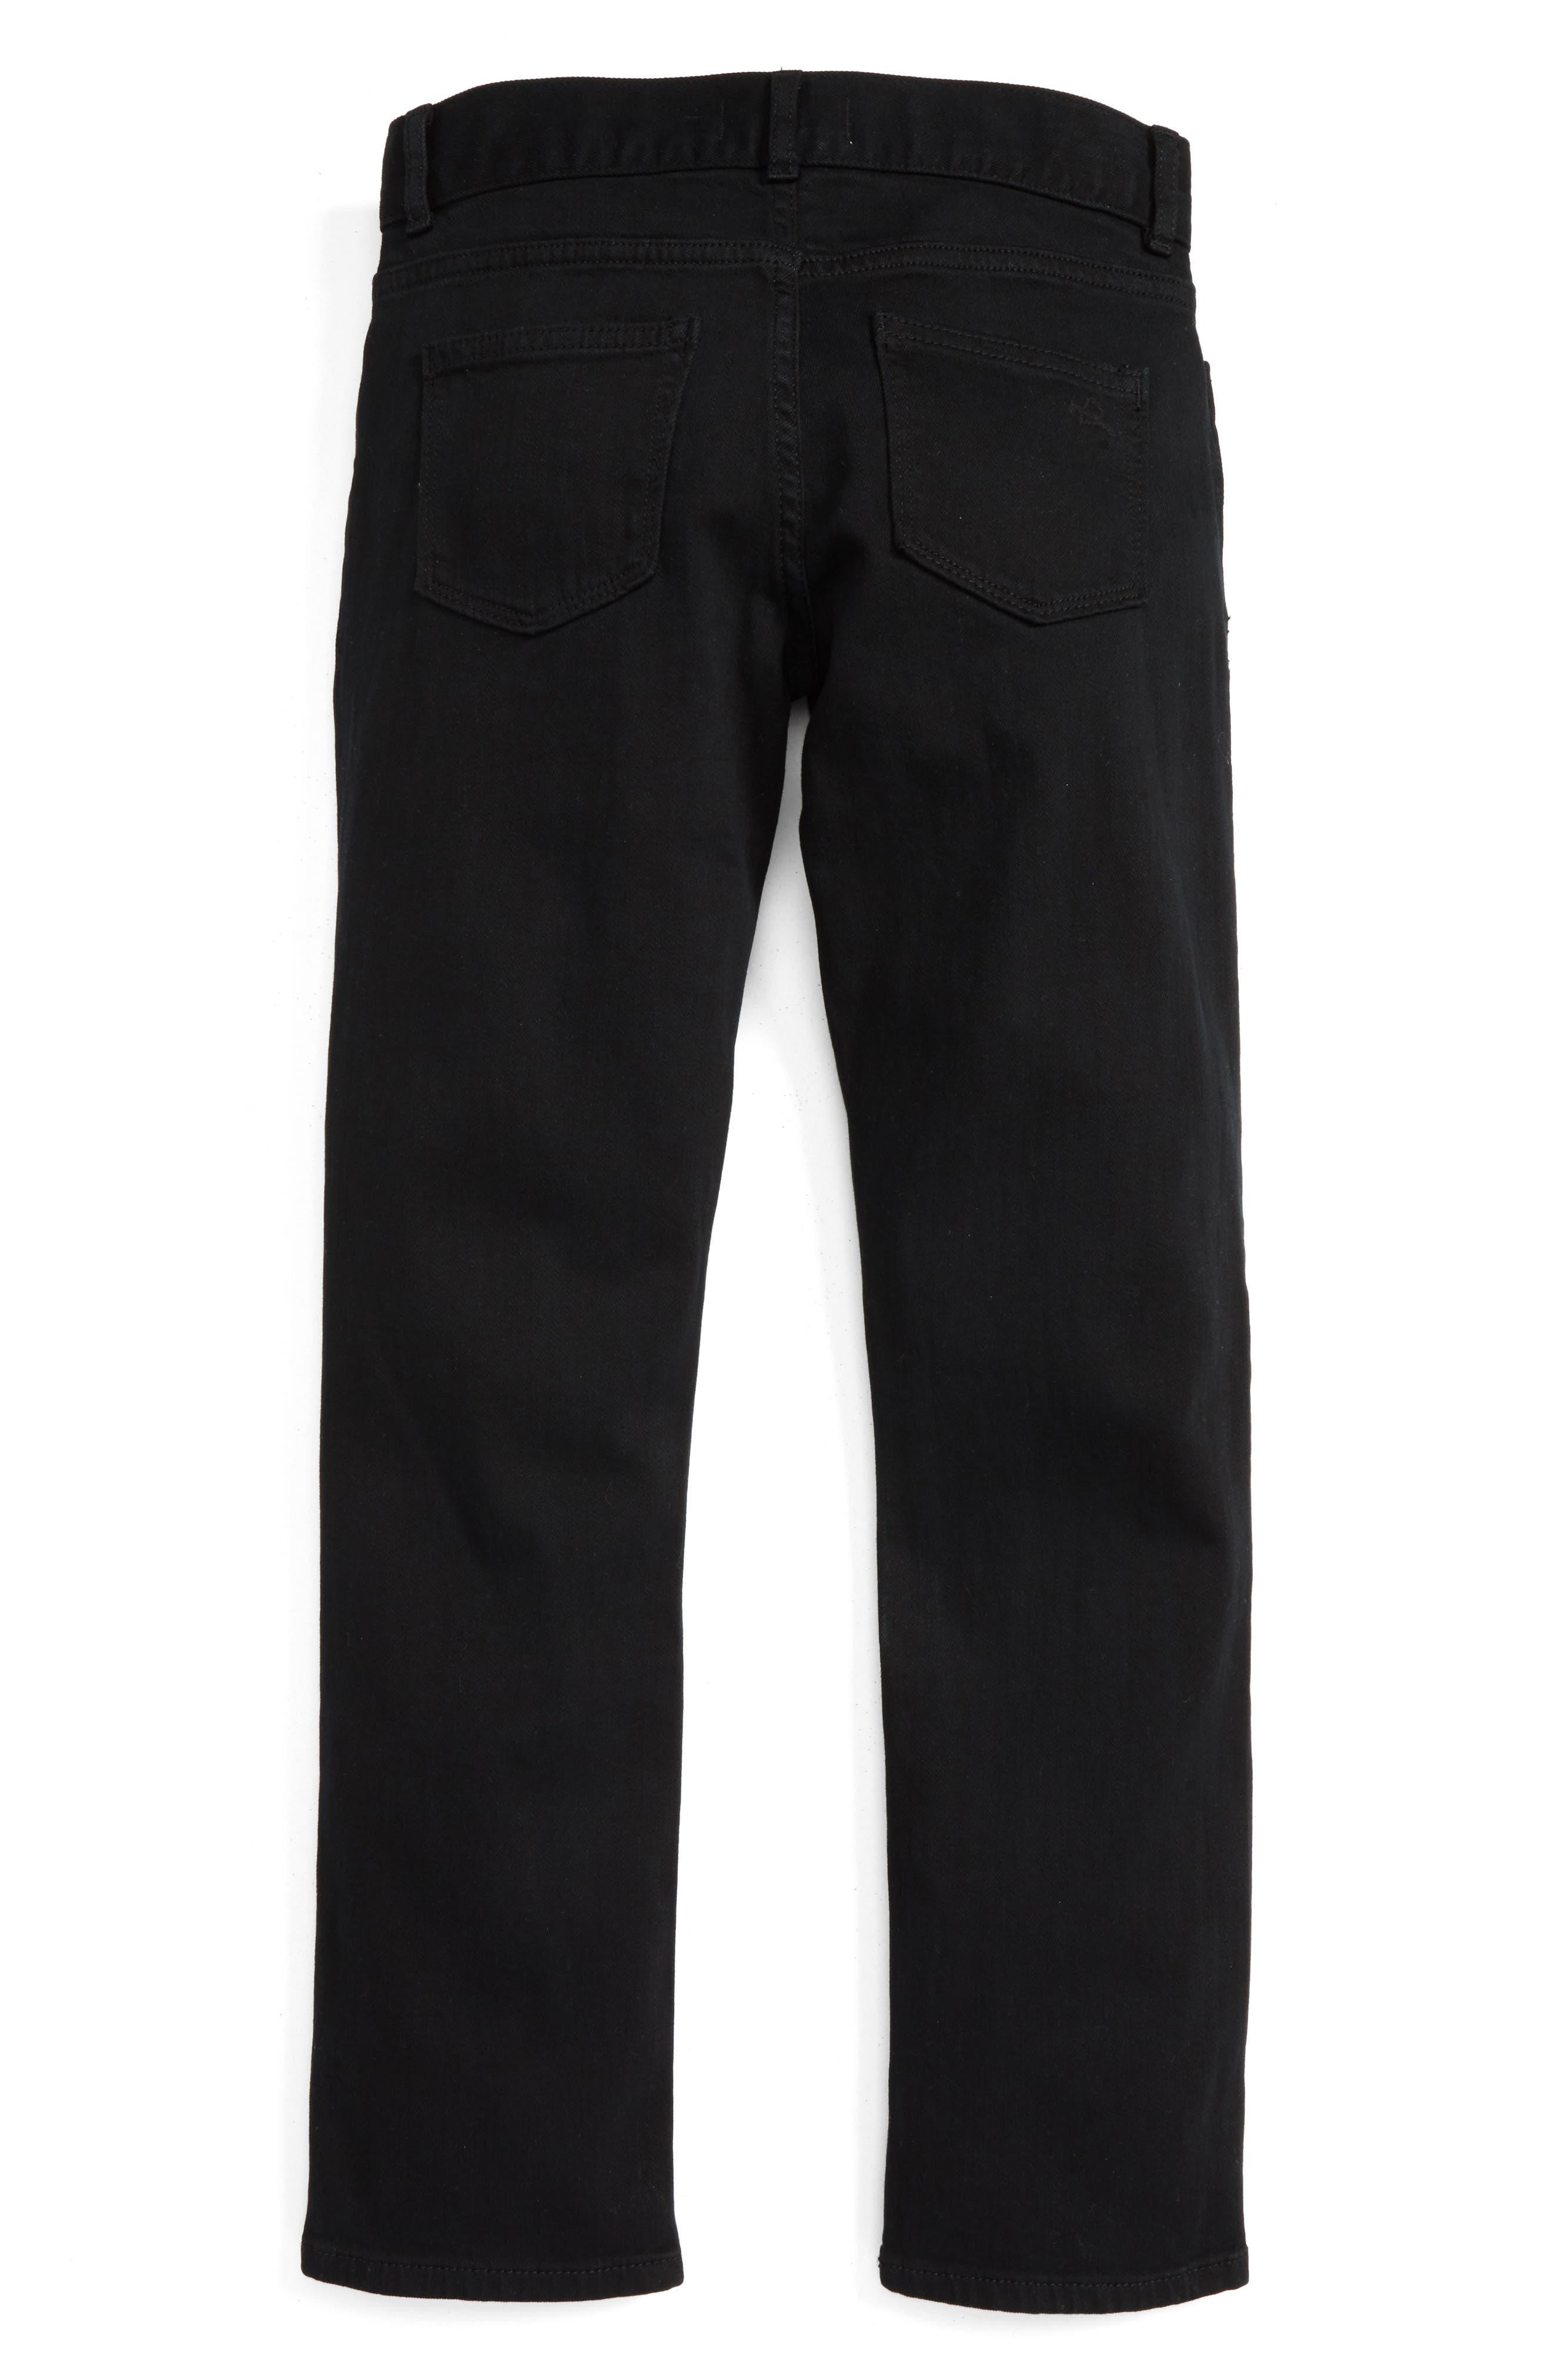 Brady Slim Fit Jeans,                         Main,                         color, BLACK